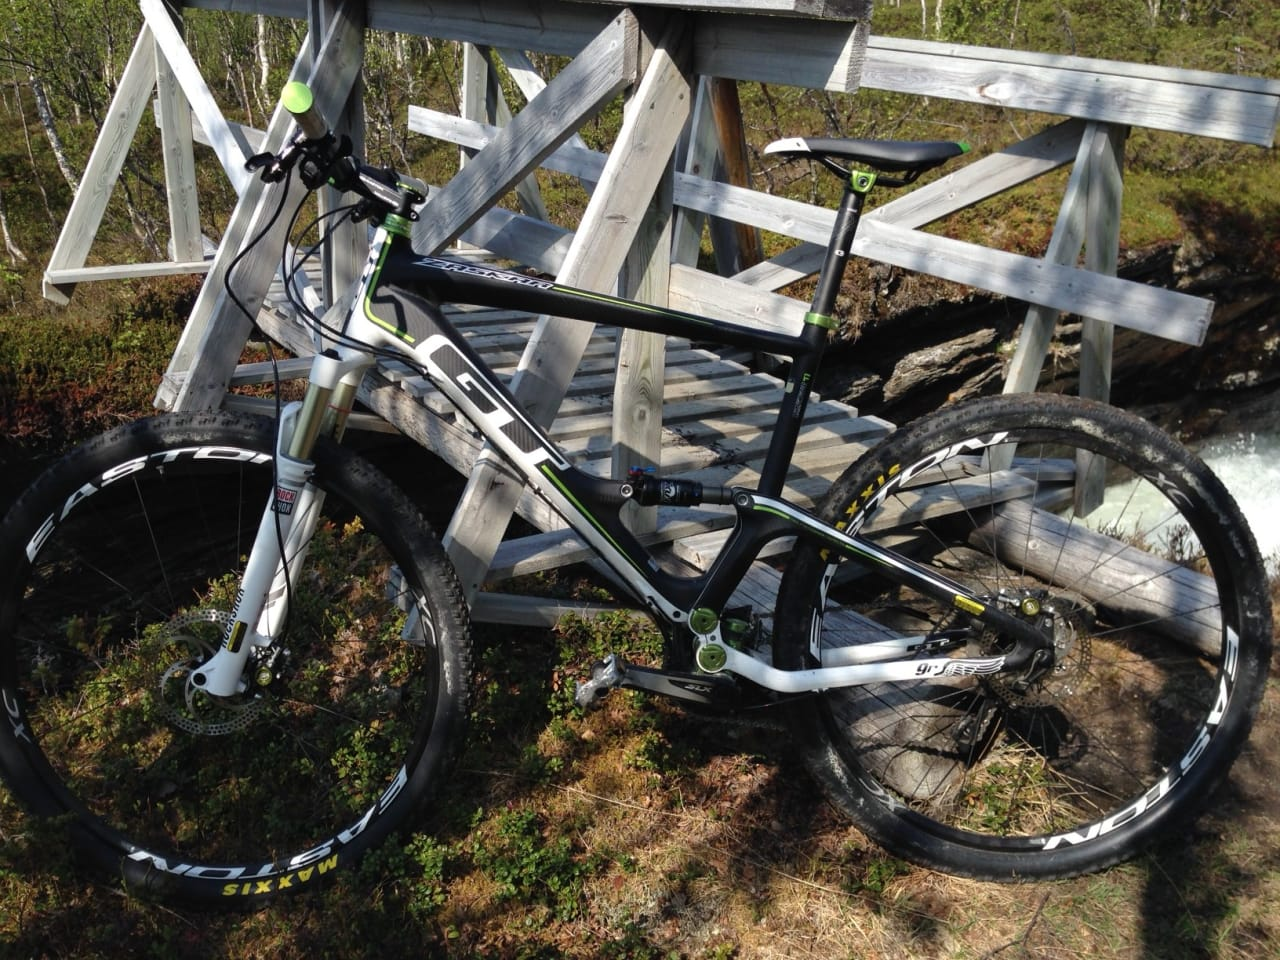 Fulledempet sykkel - det farligste som finnes...?